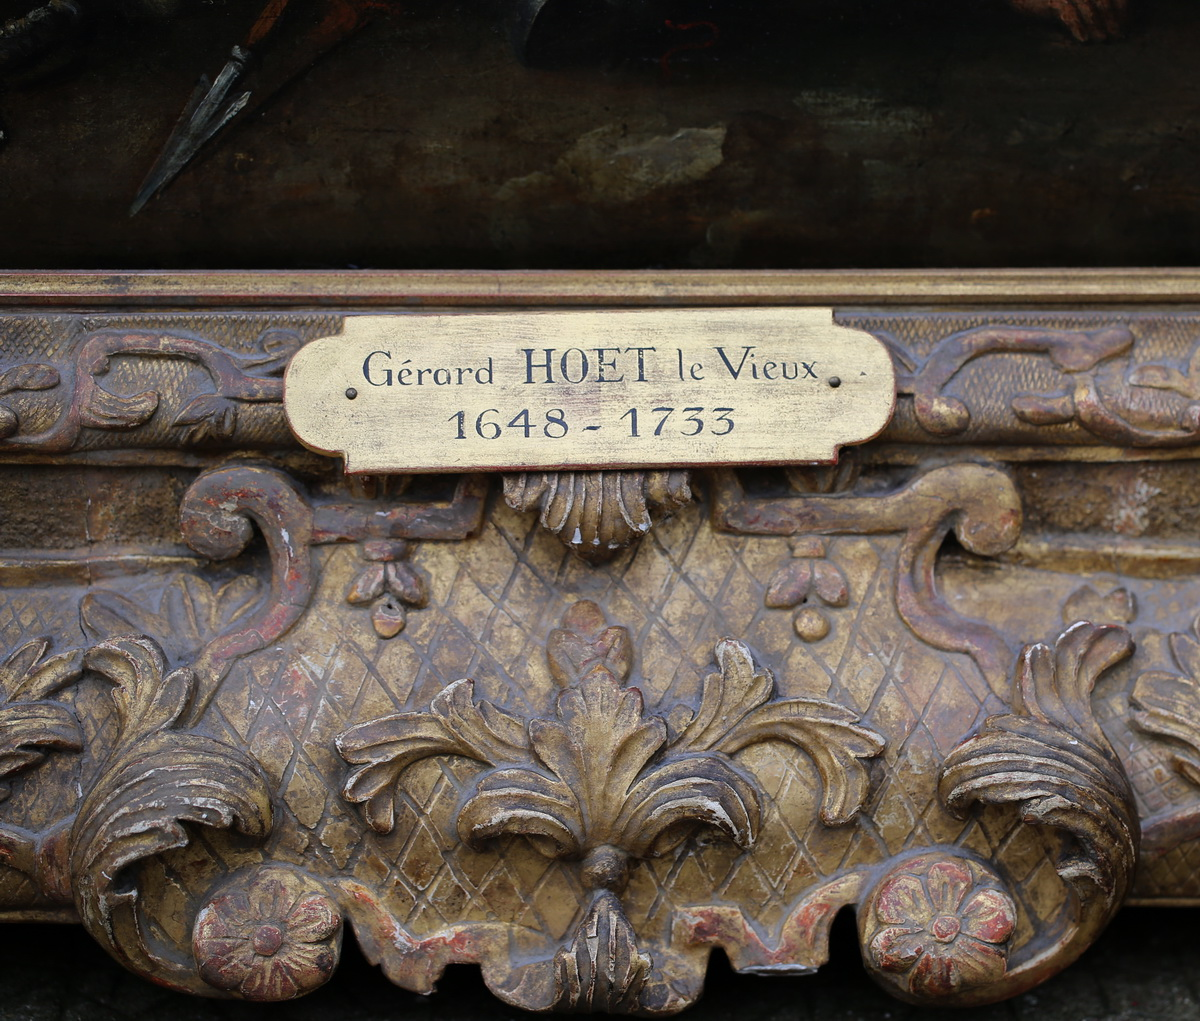 Gerard HOET le vieux 1648-1733